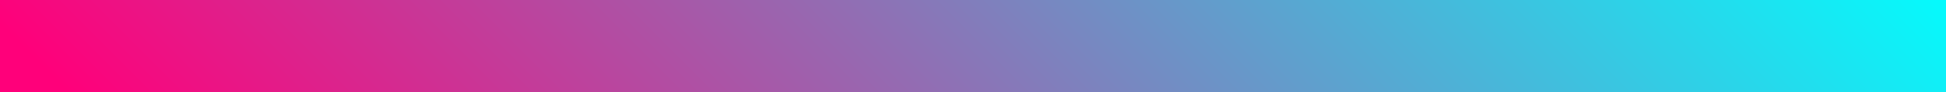 separator_playtime-01